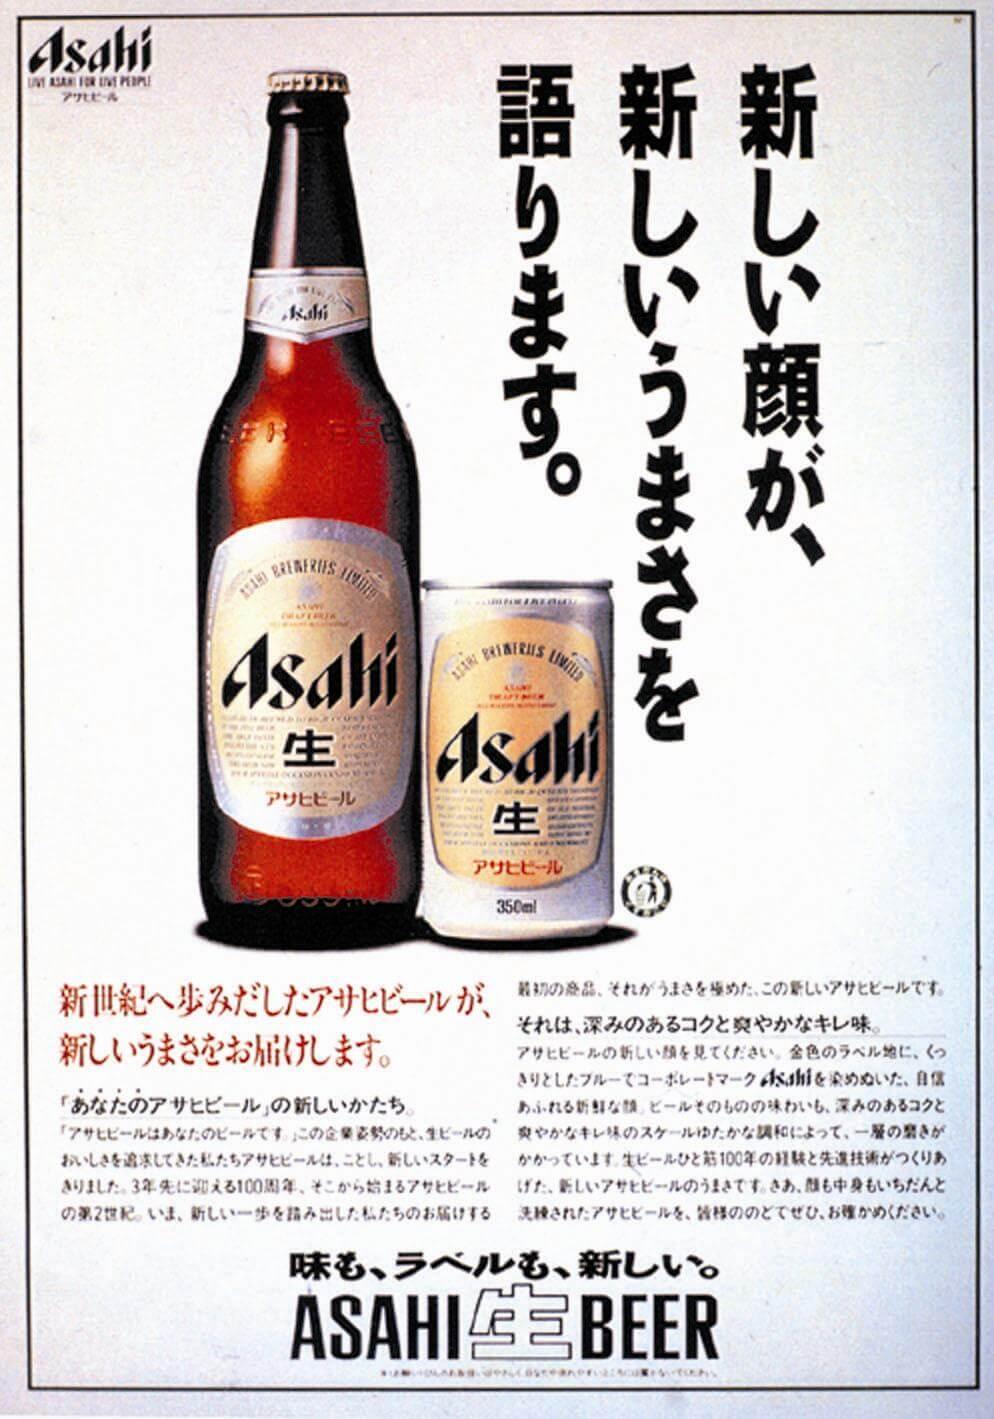 『アサヒ生ビール』の缶